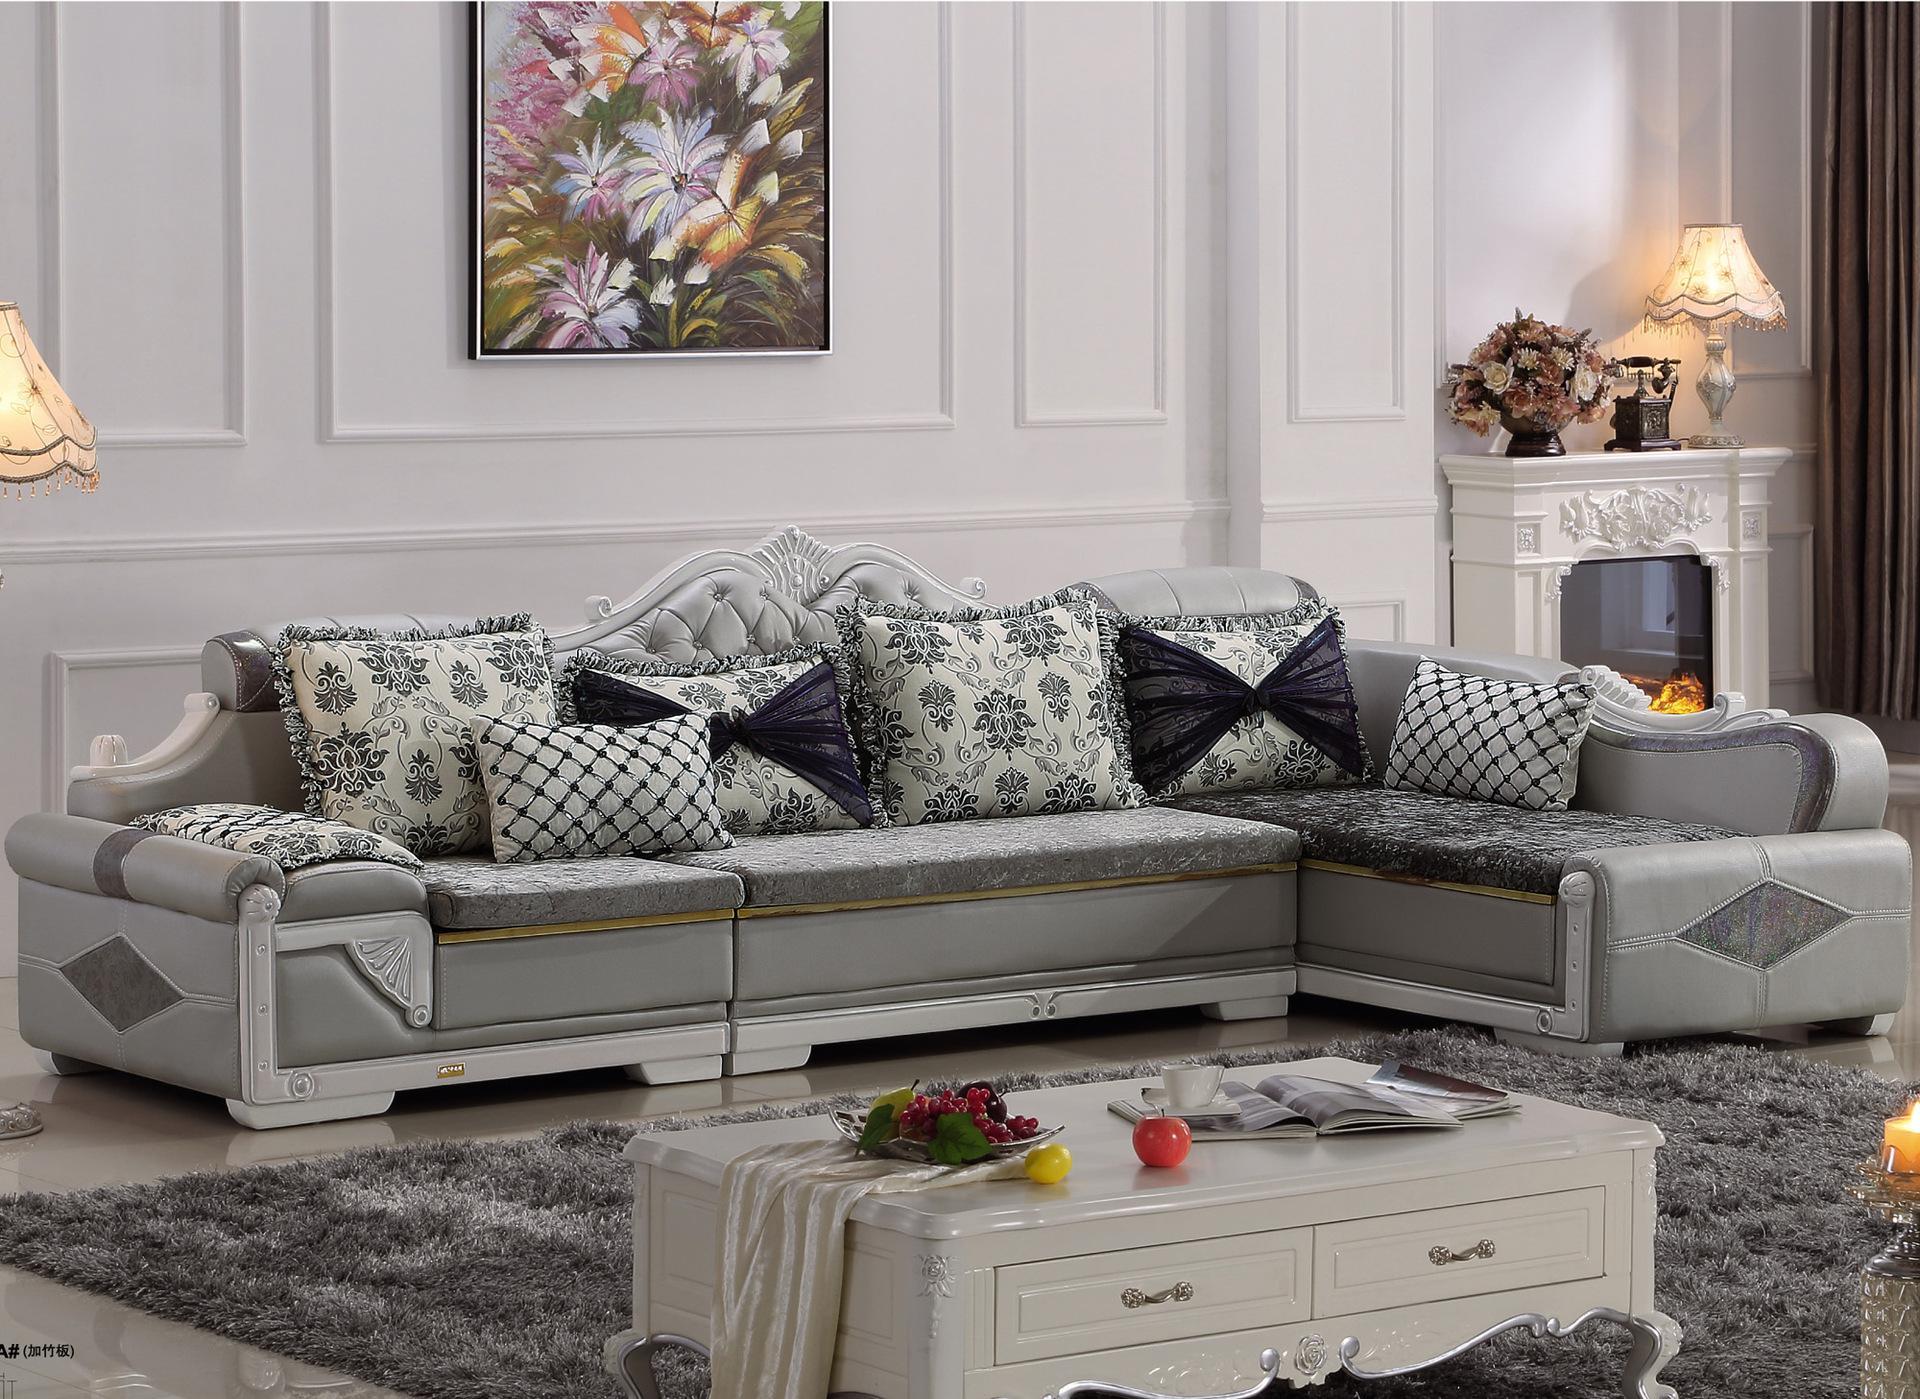 欧式客厅组合转角创意皮配布艺沙发 欧式家具 简欧布艺沙发 批发